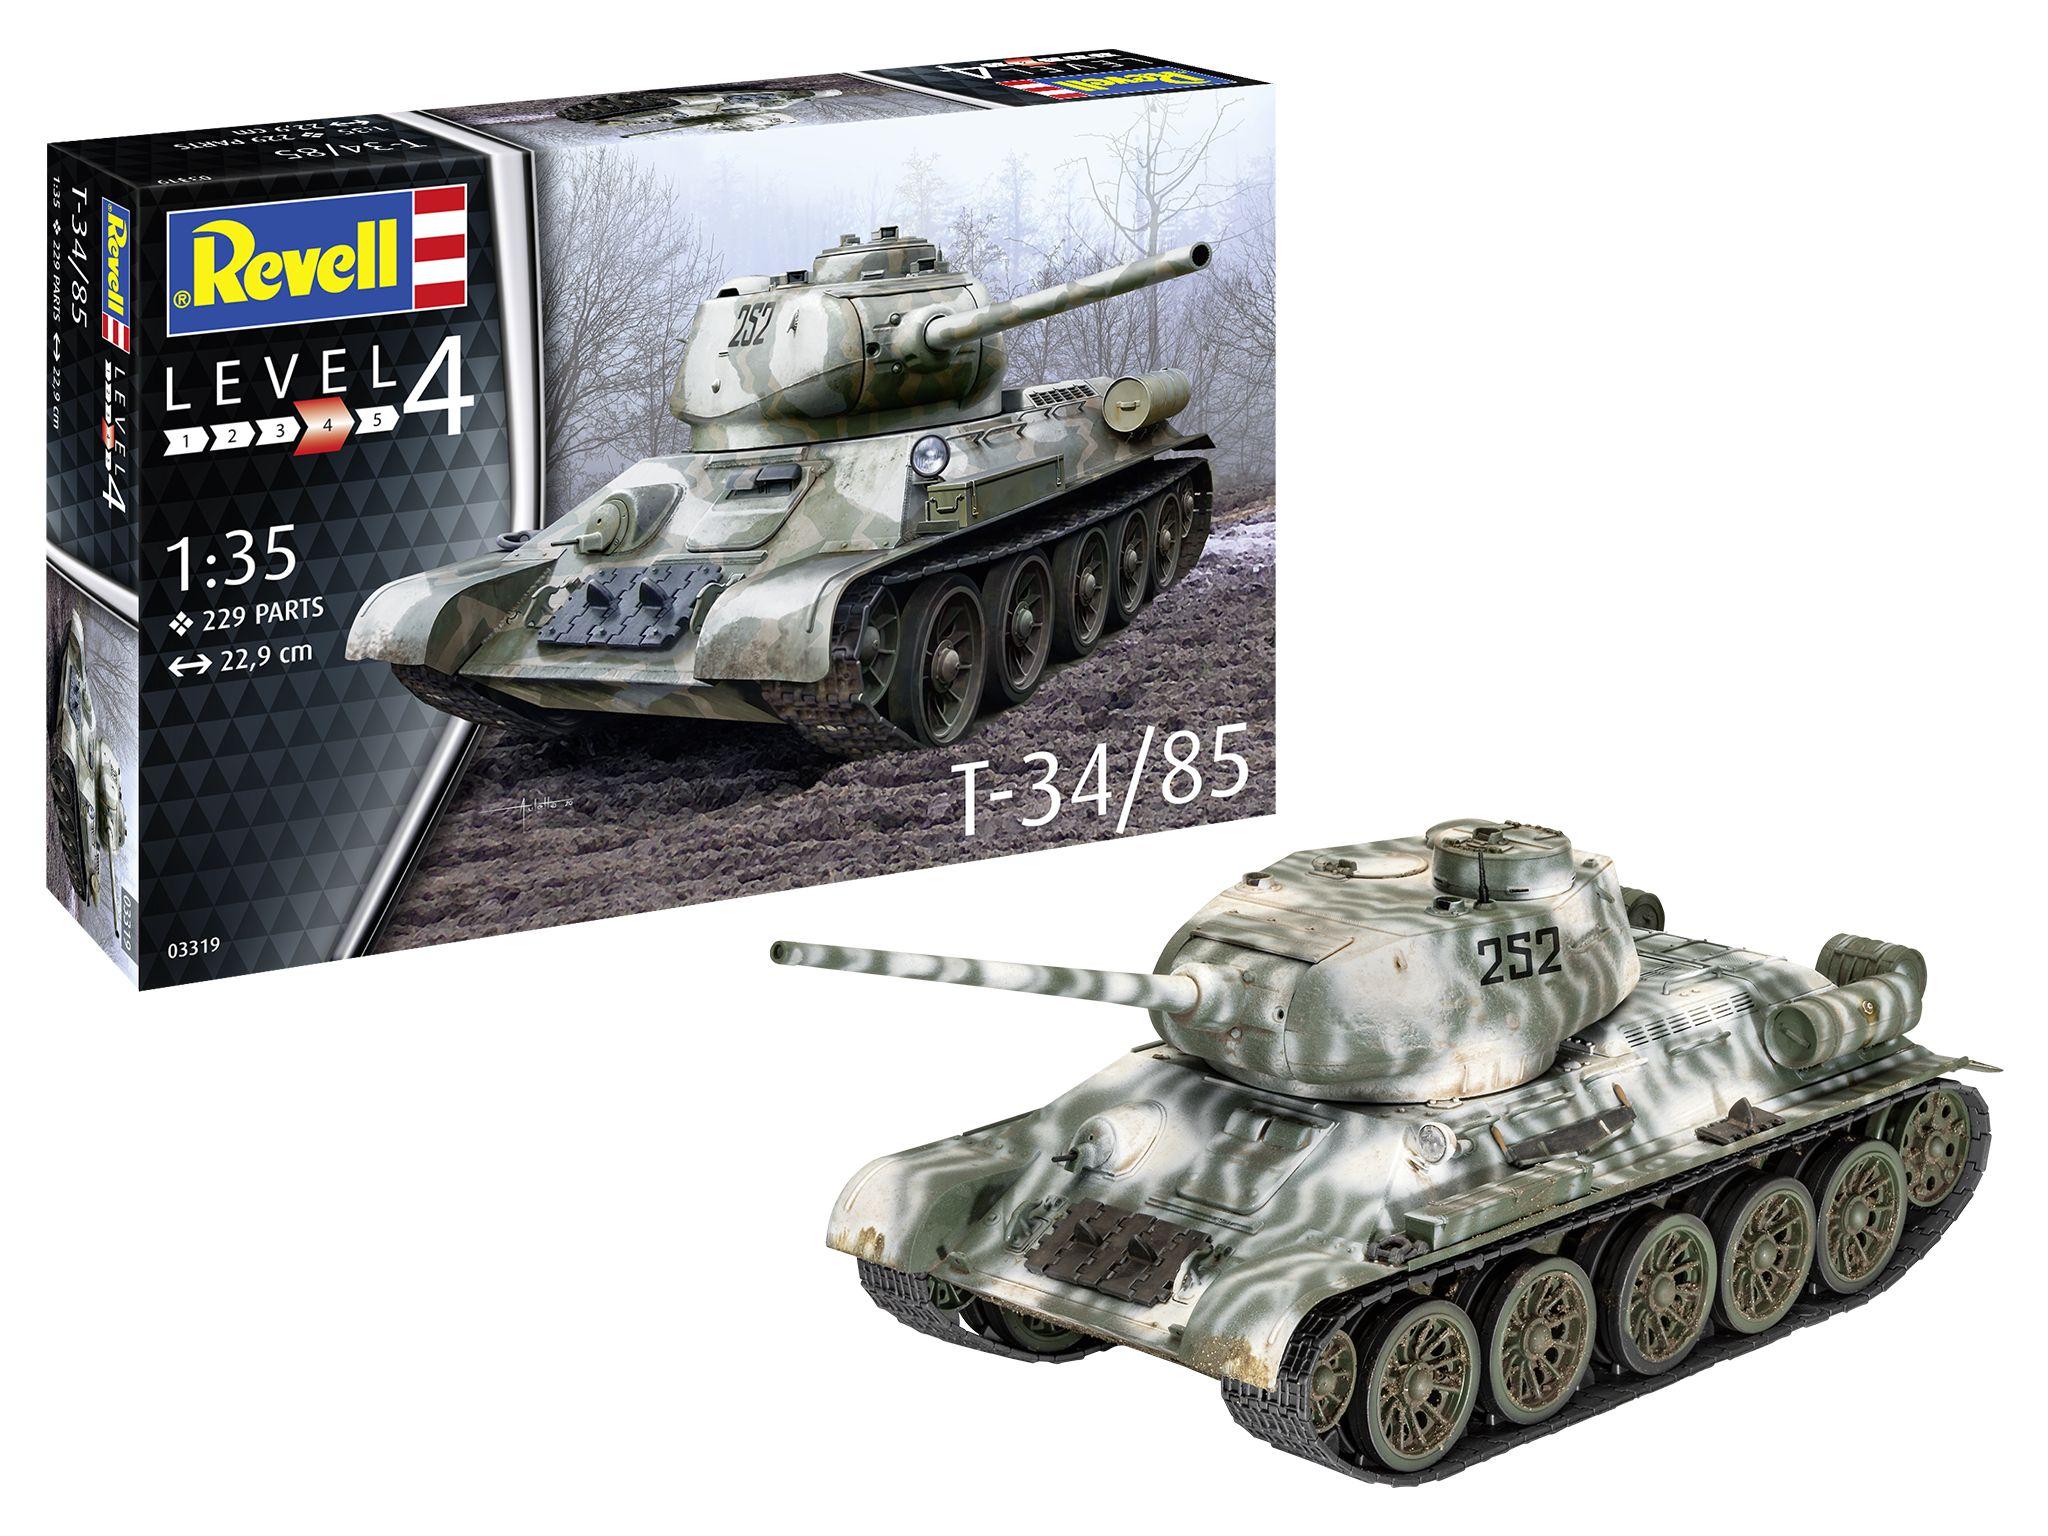 Revell-03319-T-34-85 Revell Neuheiten 2021